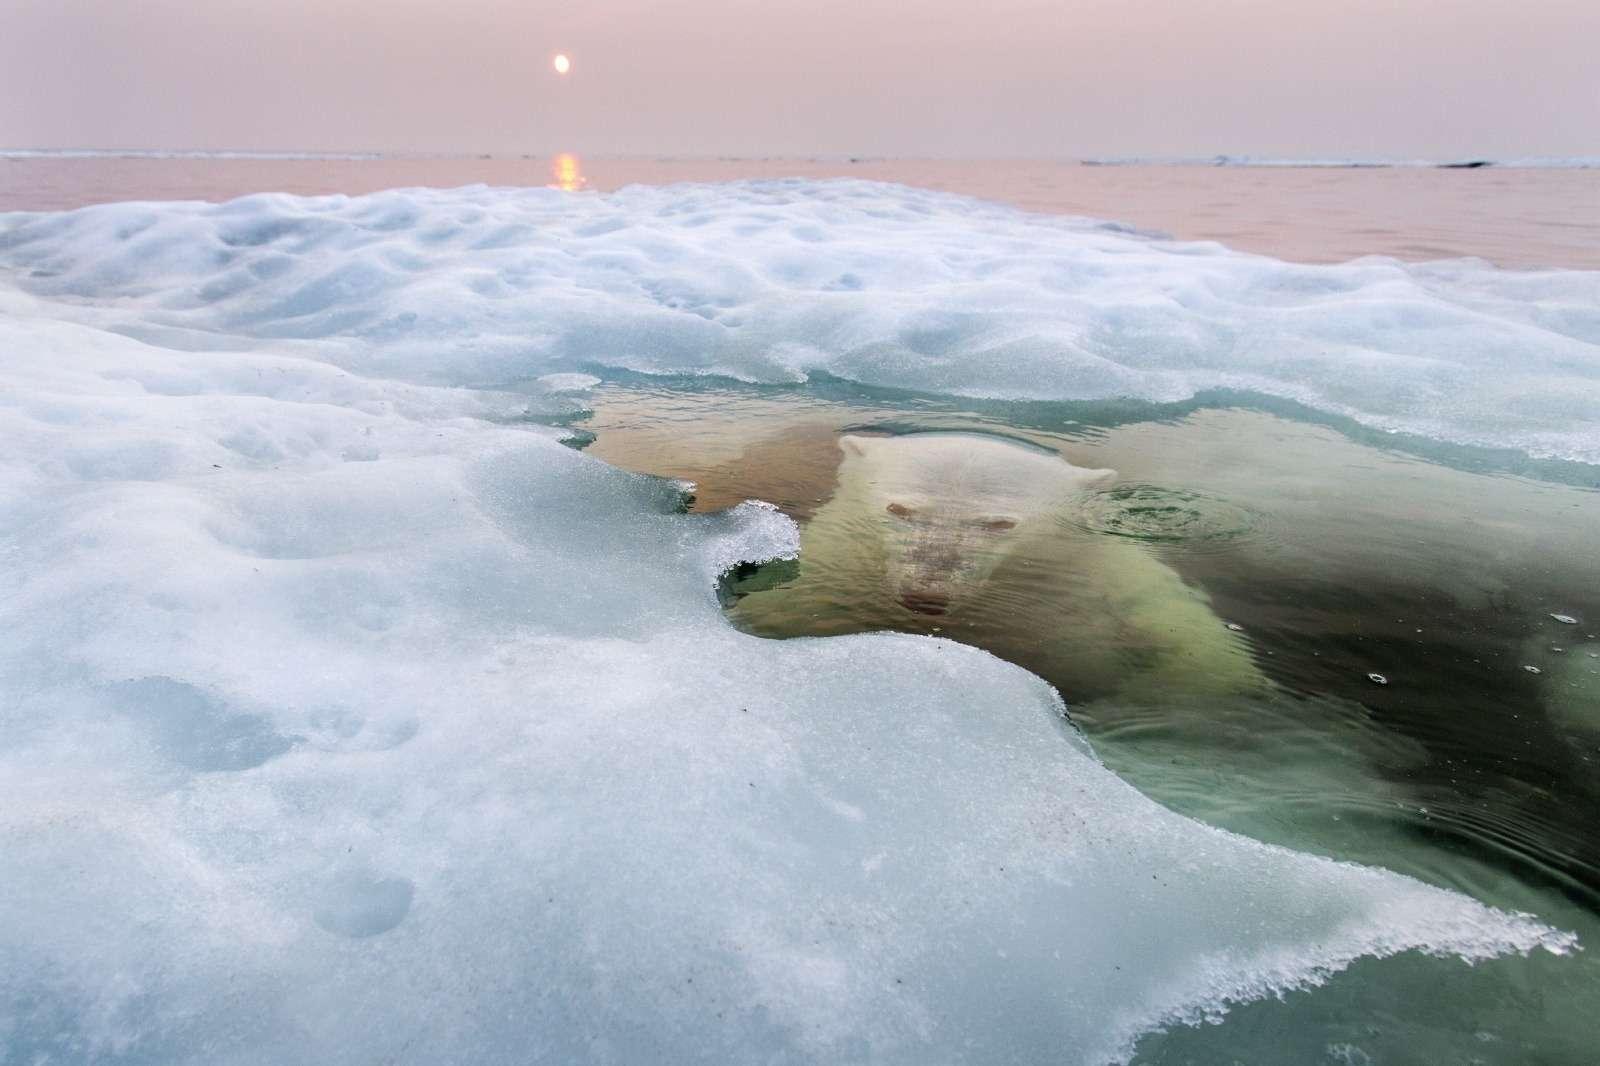 Paul Souders: Ice Bear - fődíj és Természet kategória 1. helyezett